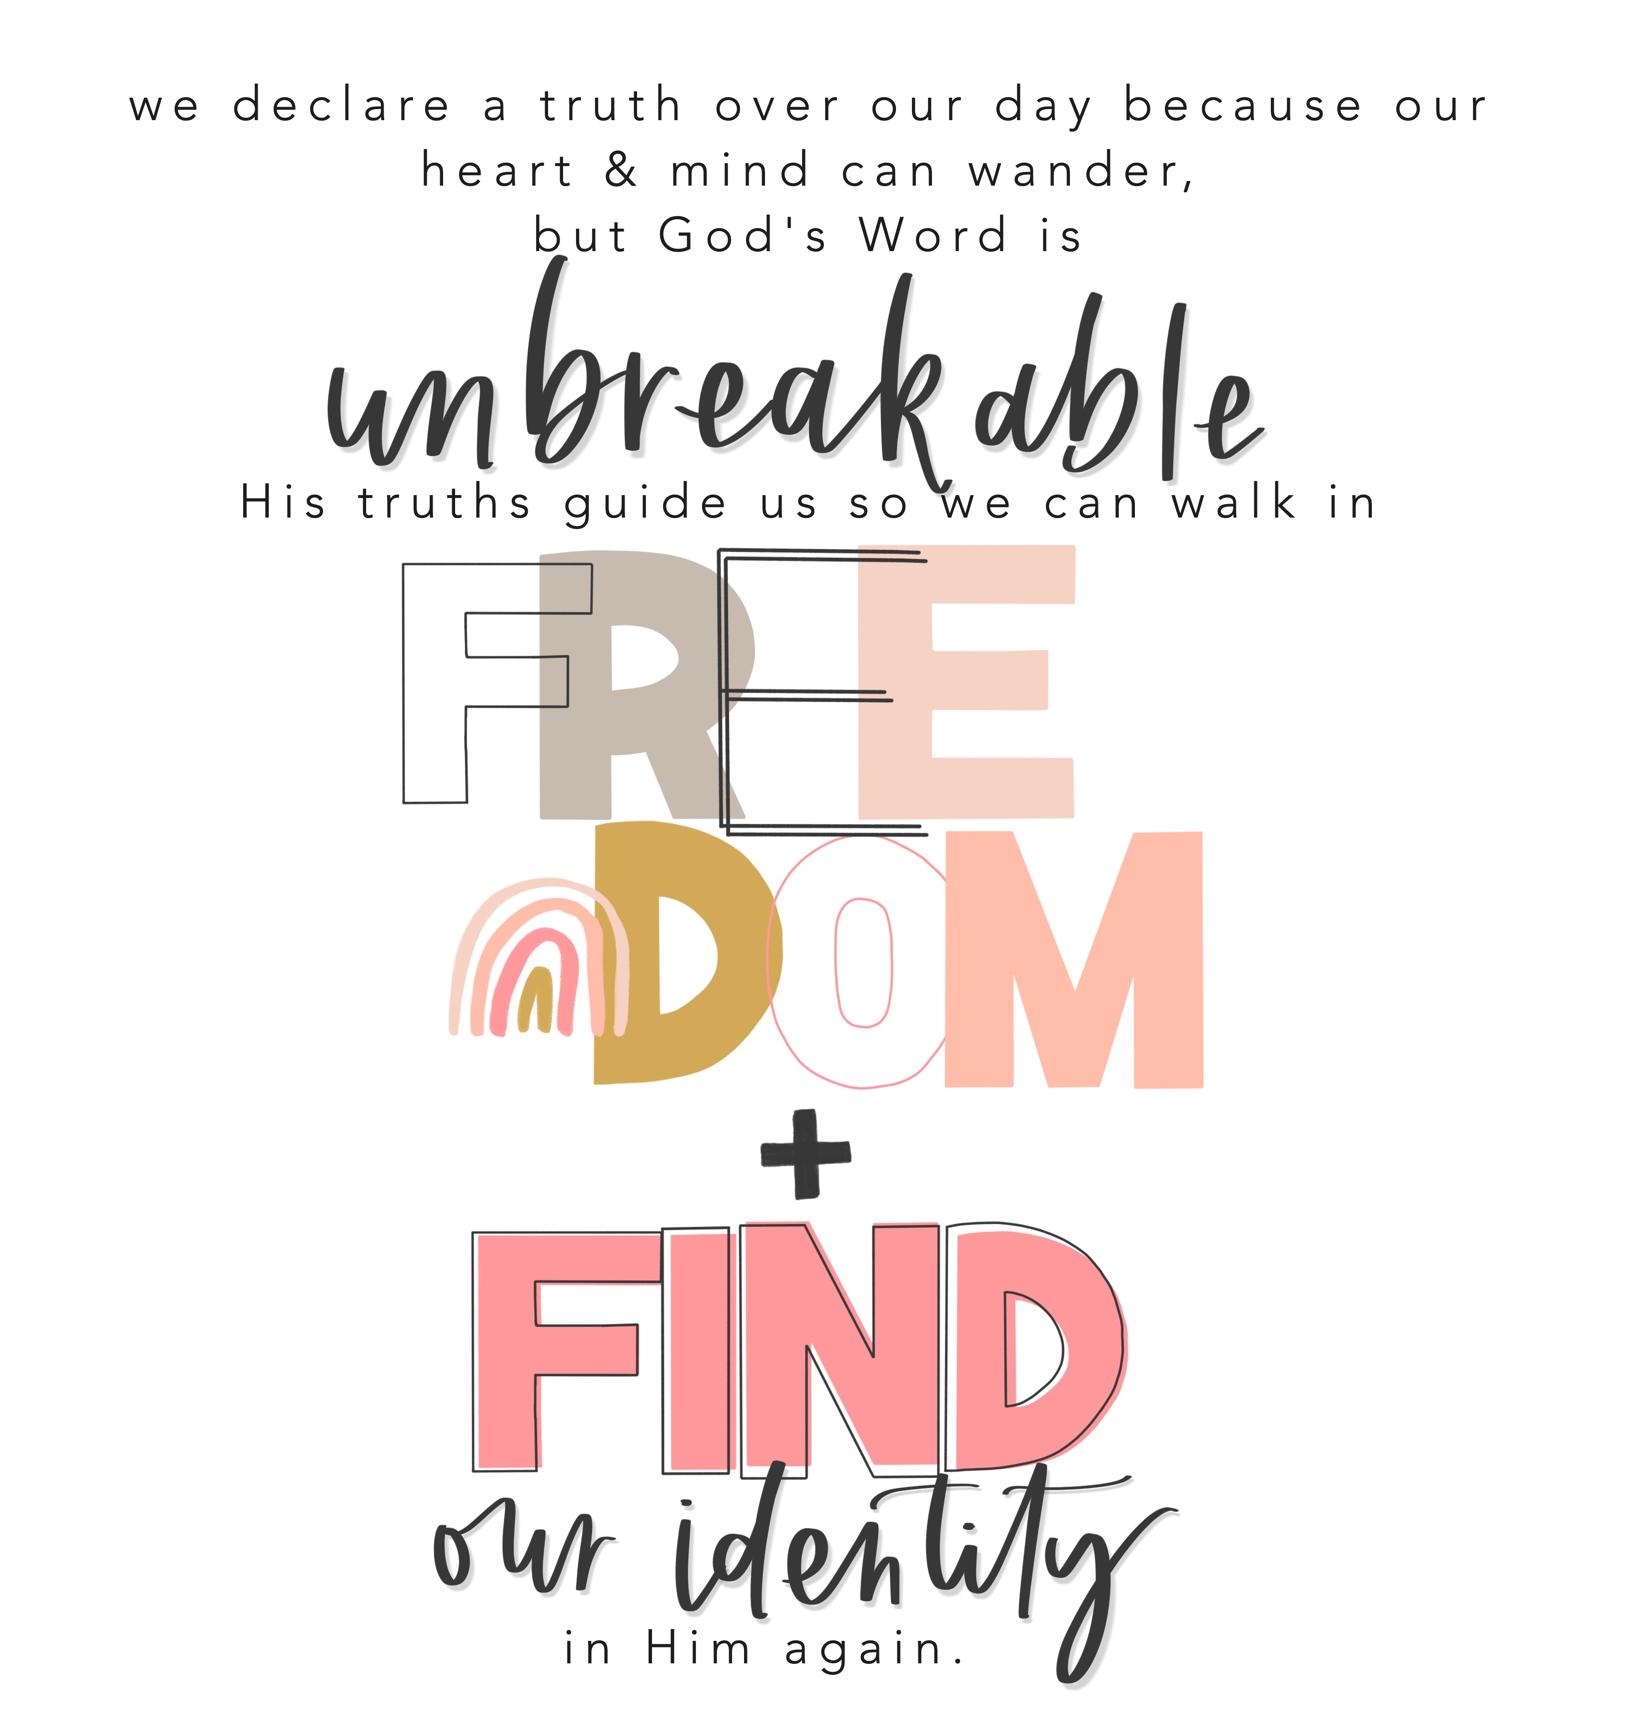 declare truth expl.jpg